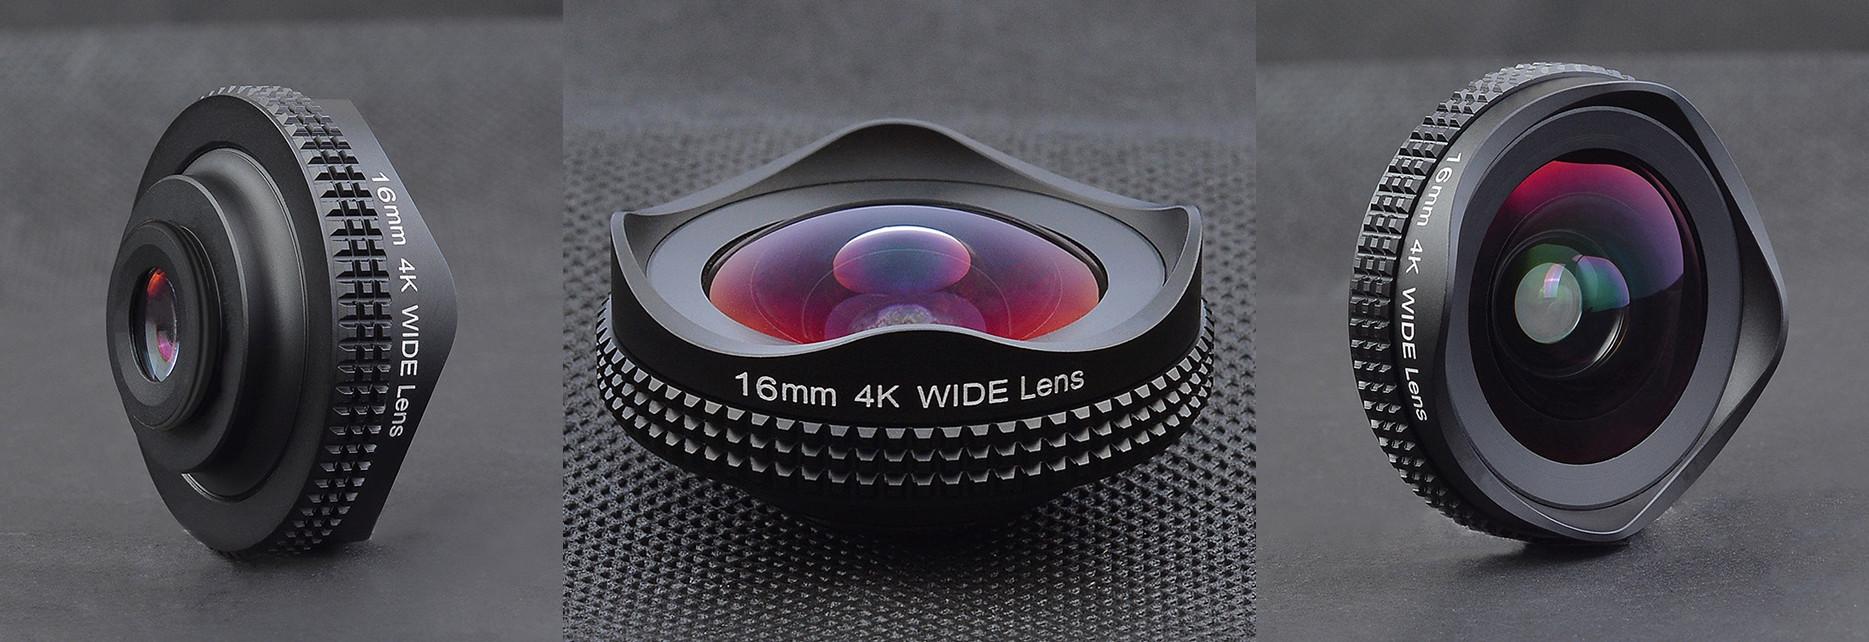 фото широкоугольного объектива для телефона 112°